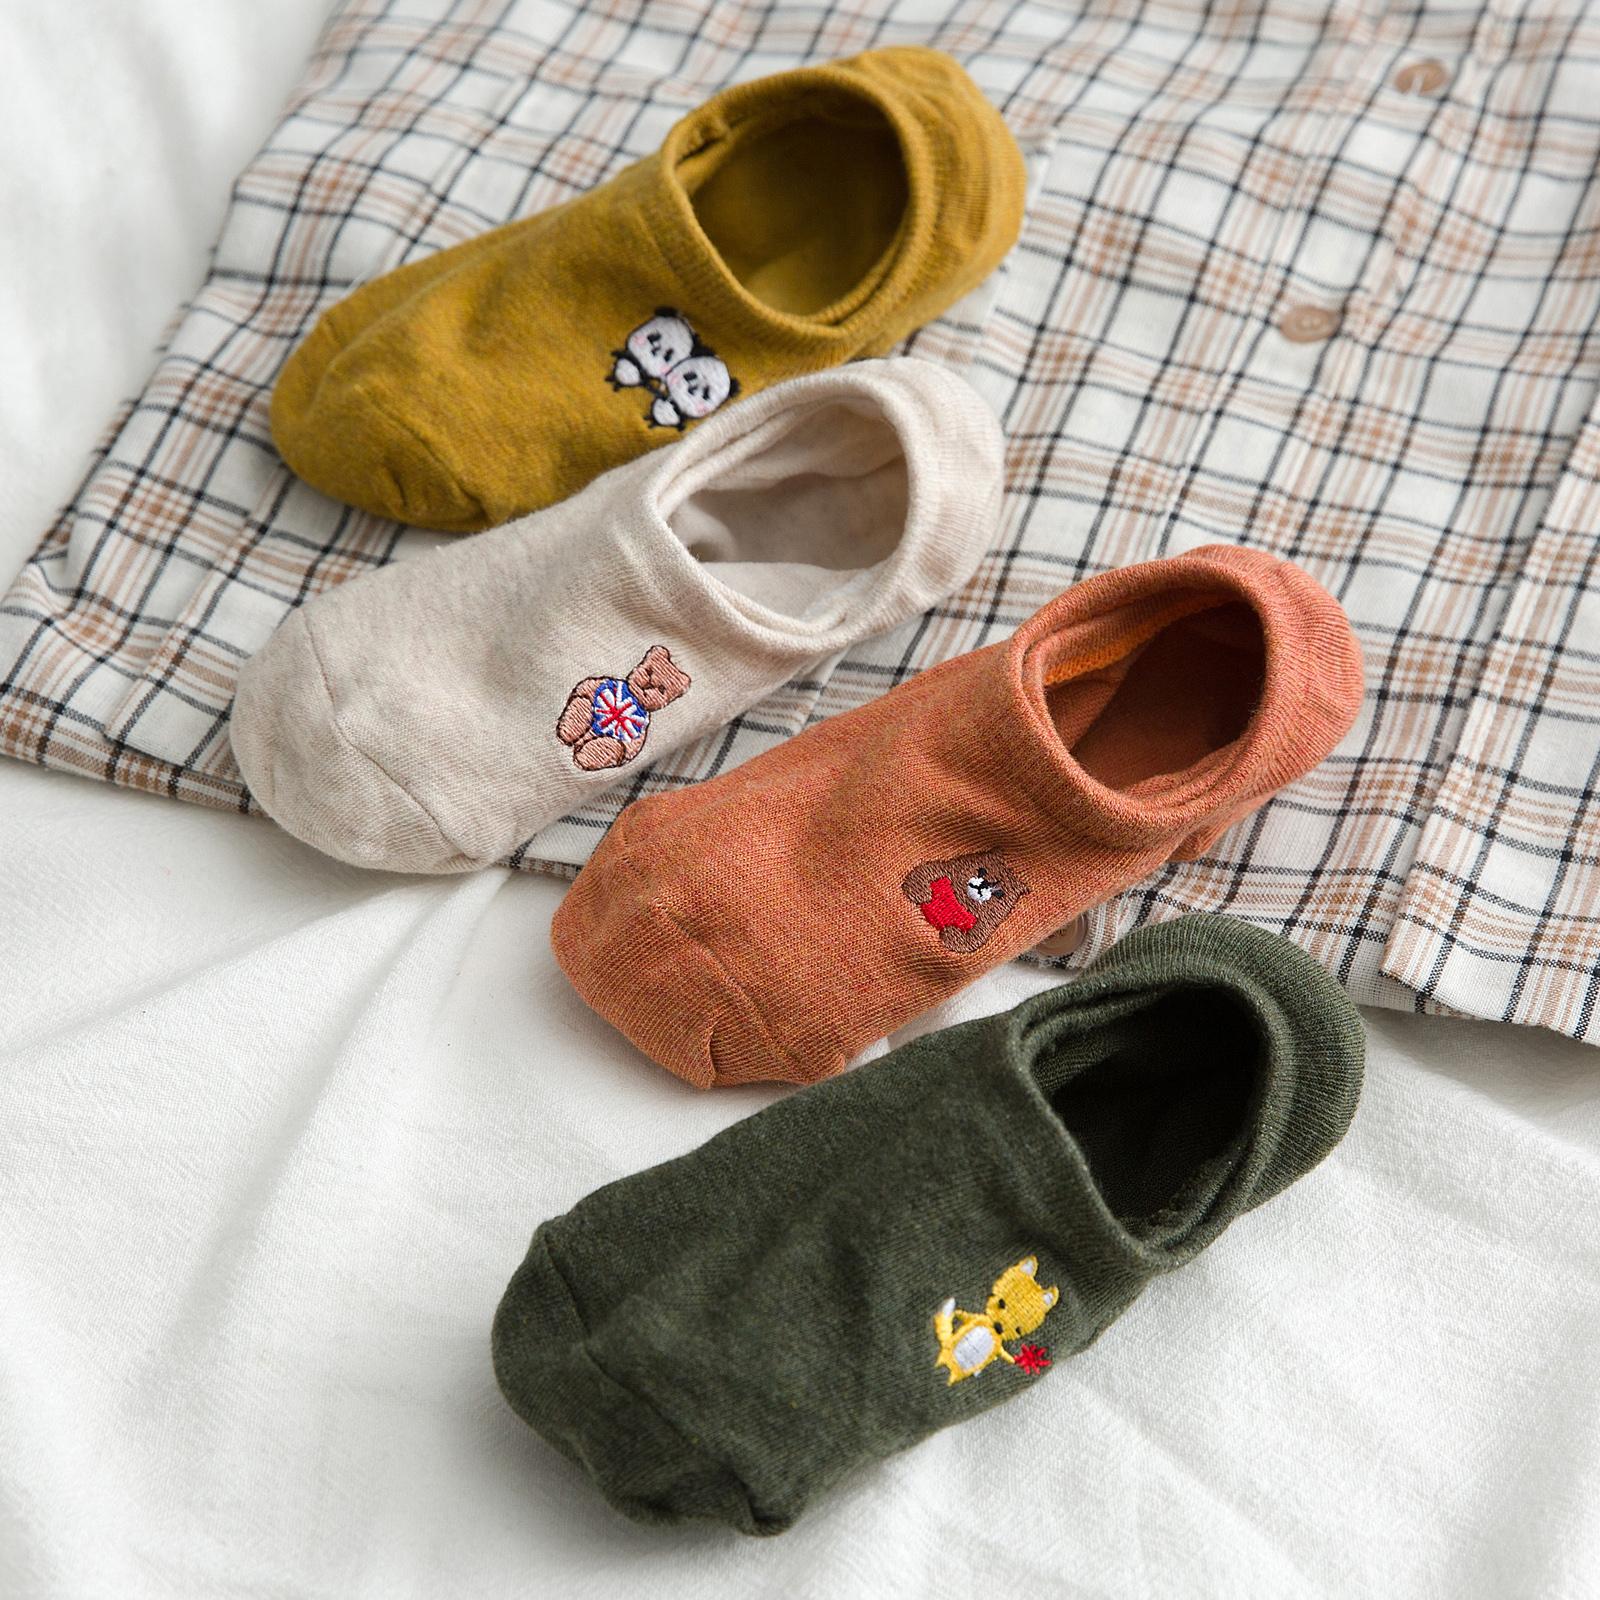 袜子女船袜纯棉浅口隐形袜低帮硅胶防滑韩国可爱日系短袜夏季薄款图片